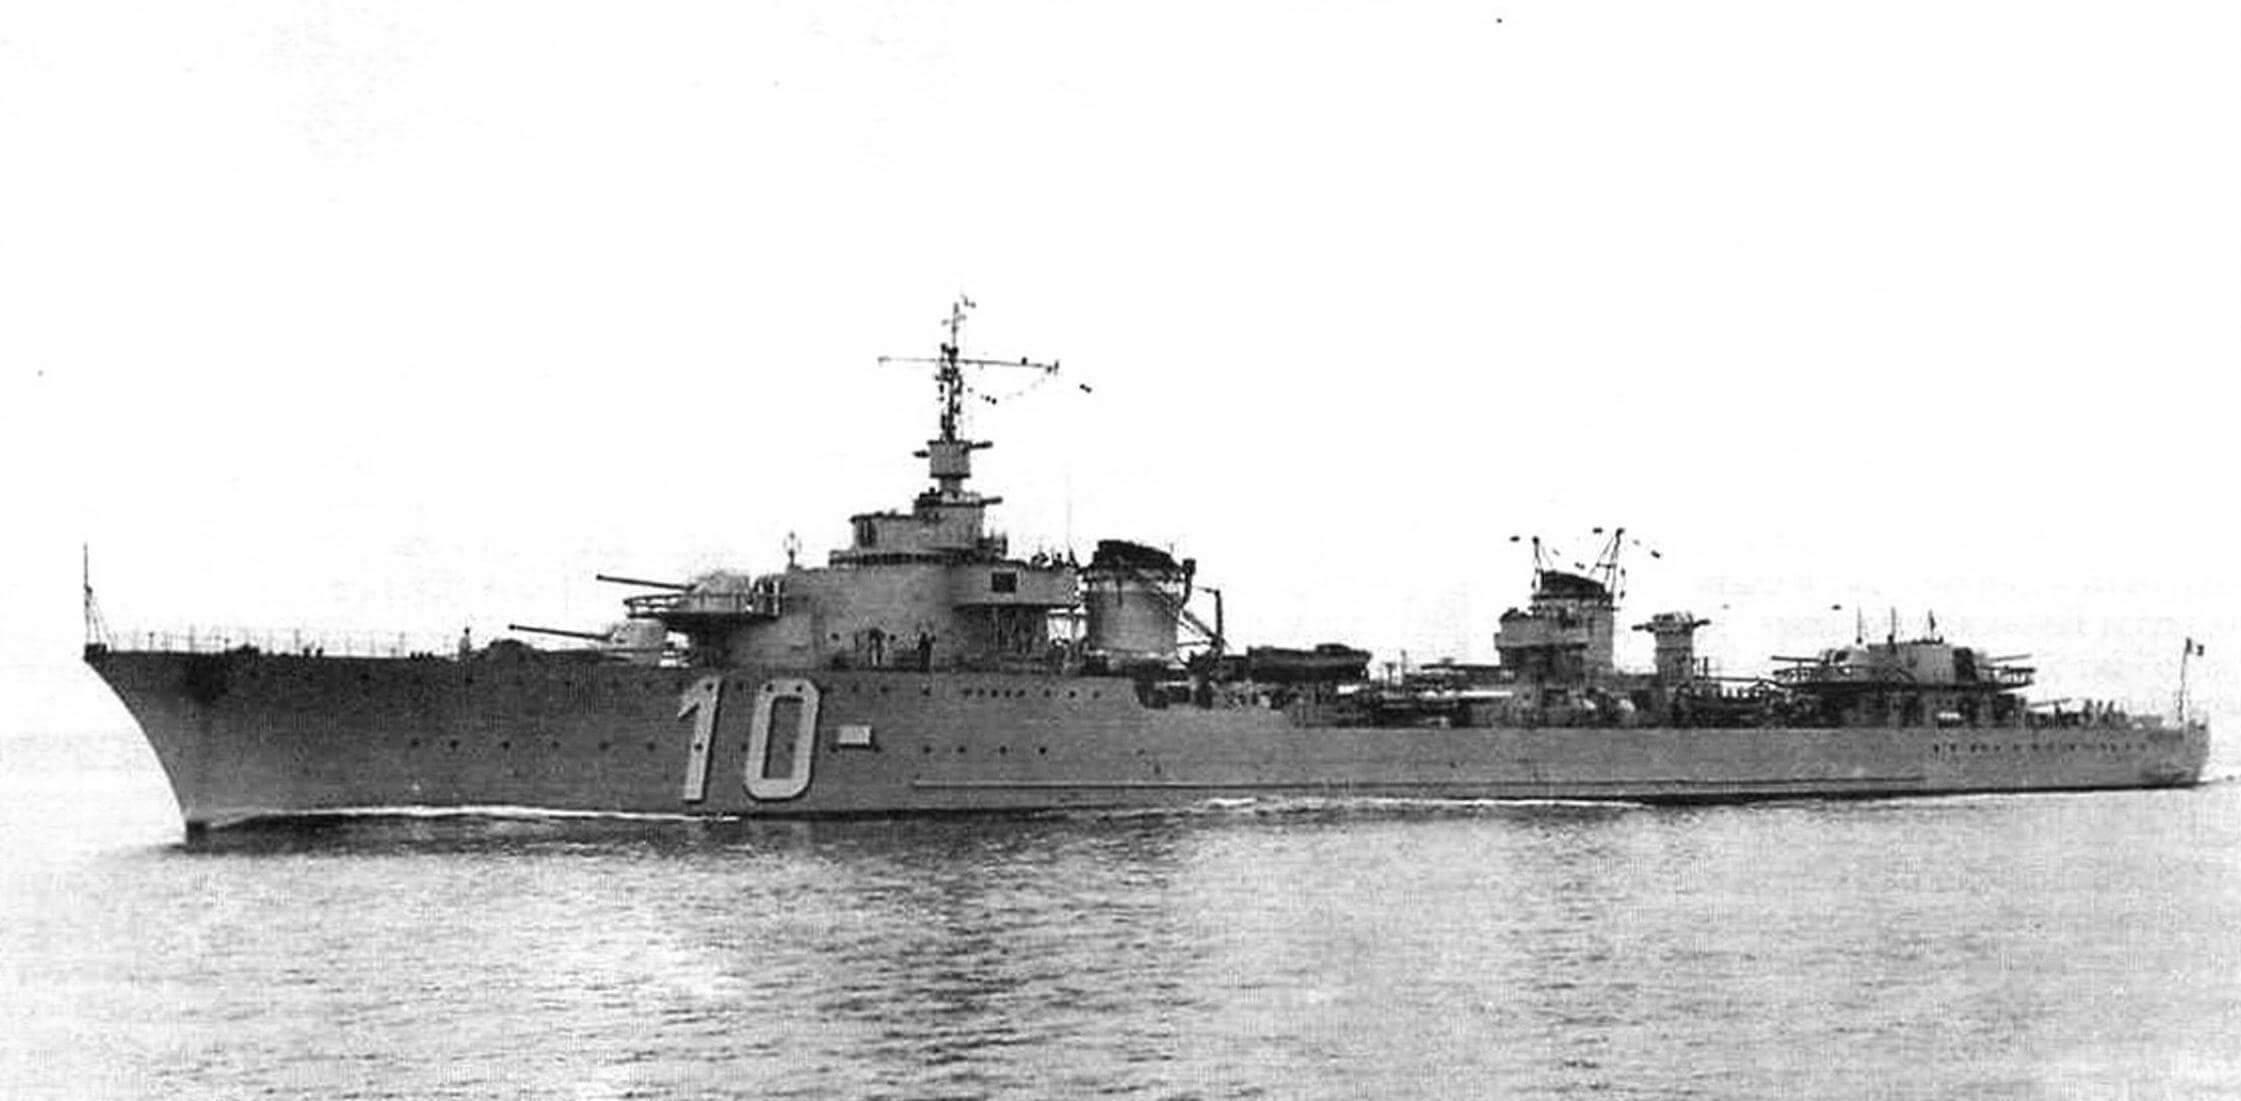 Лидер эскадренных миноносцев (контрминоносец) «Ле Фантаск», вступивший в строй в мае 1936 г.